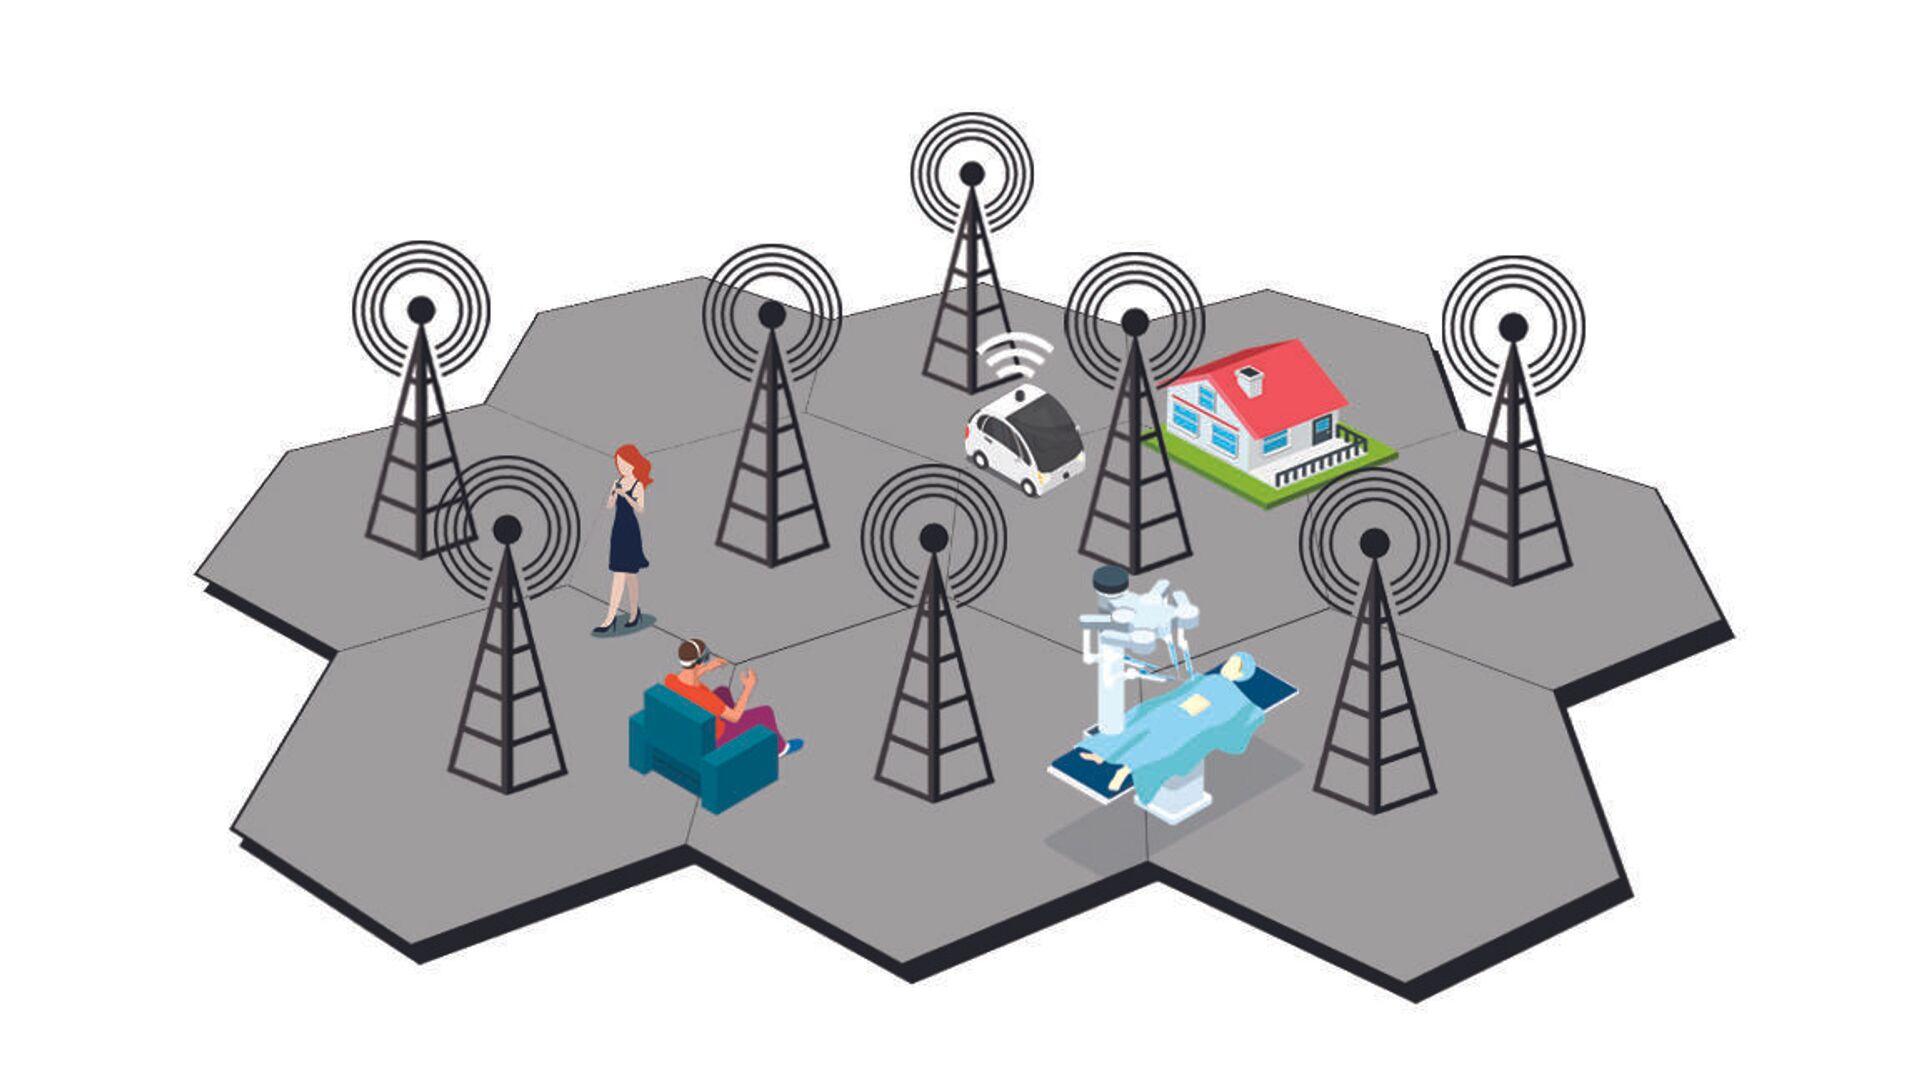 Москва и Пекин продолжат сотрудничать в сферах технологий 5G и смарт-сити